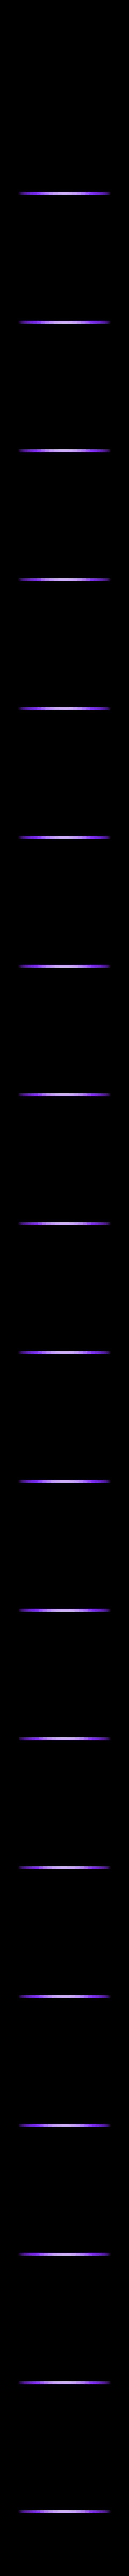 Fe67678b b520 49be ad67 05160229d3a5